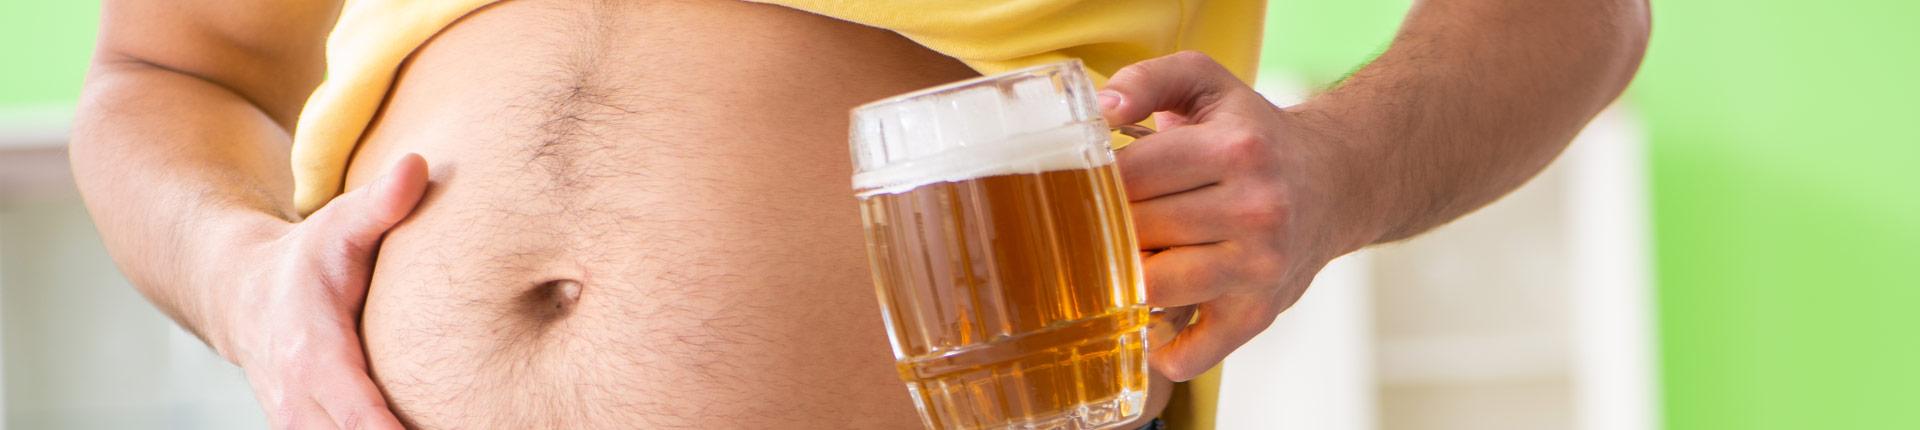 Czy alkohol tuczy? Fakty i mity!